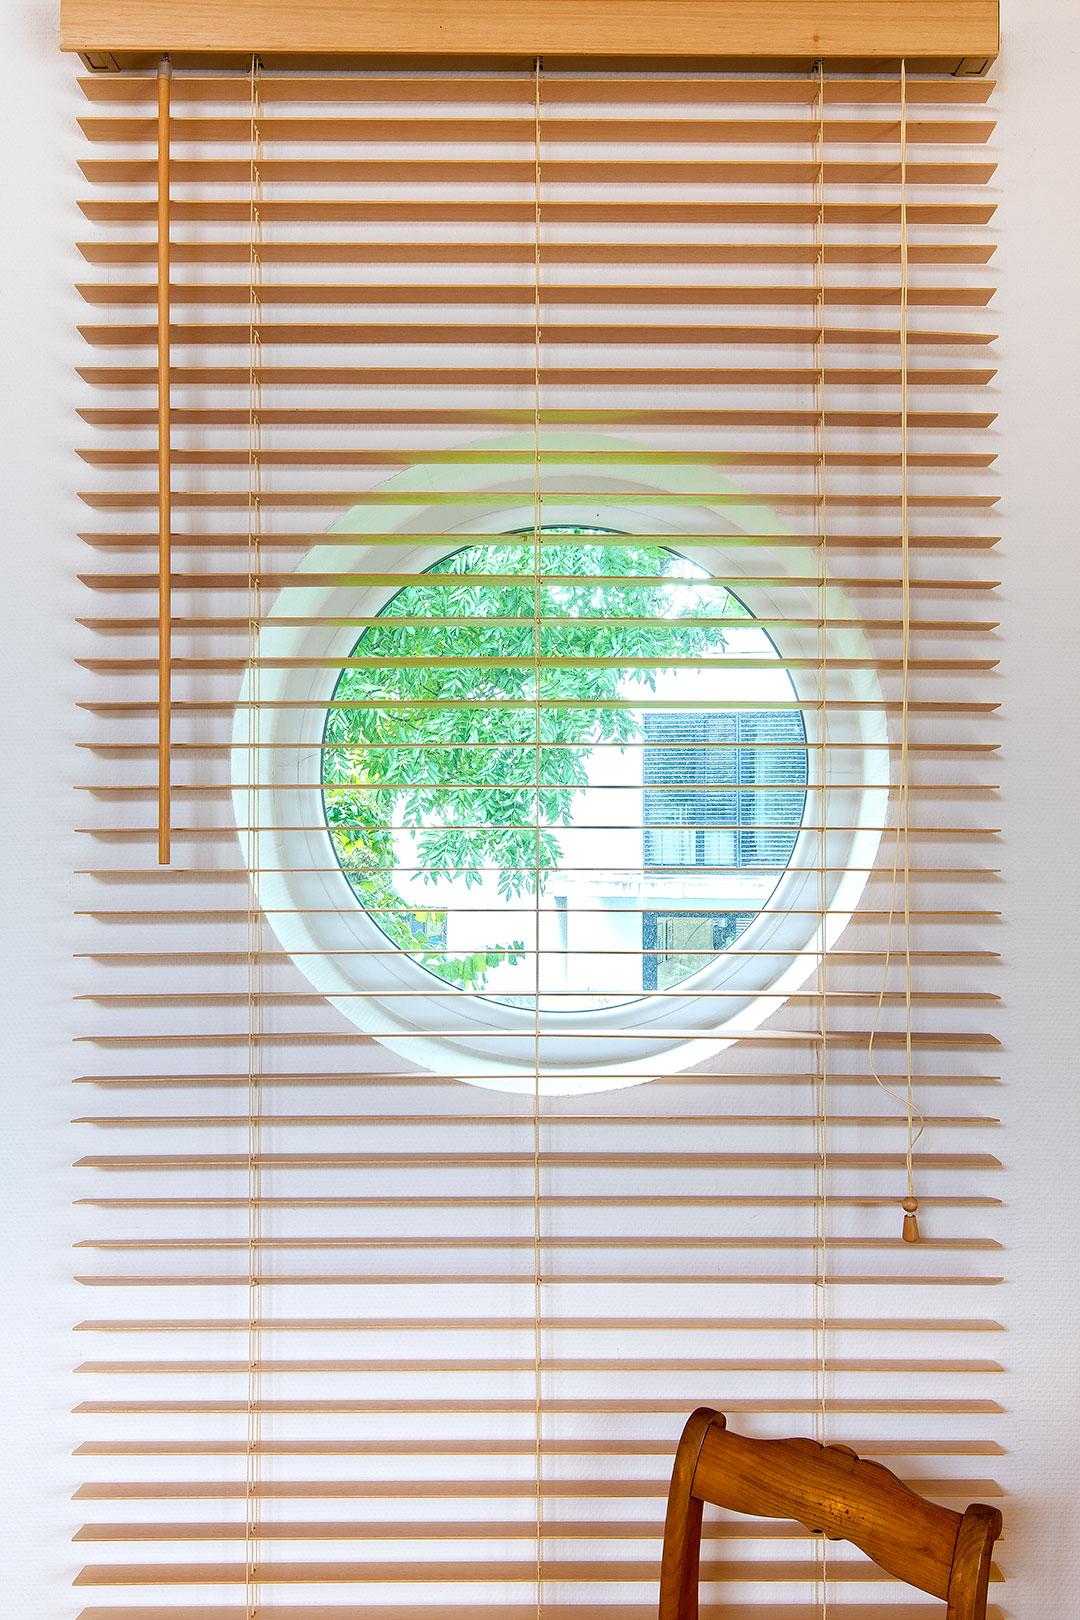 Architekturfotografie, Innenarchitektur: Fenster | Foto: Dieter Eikenberg, imprints